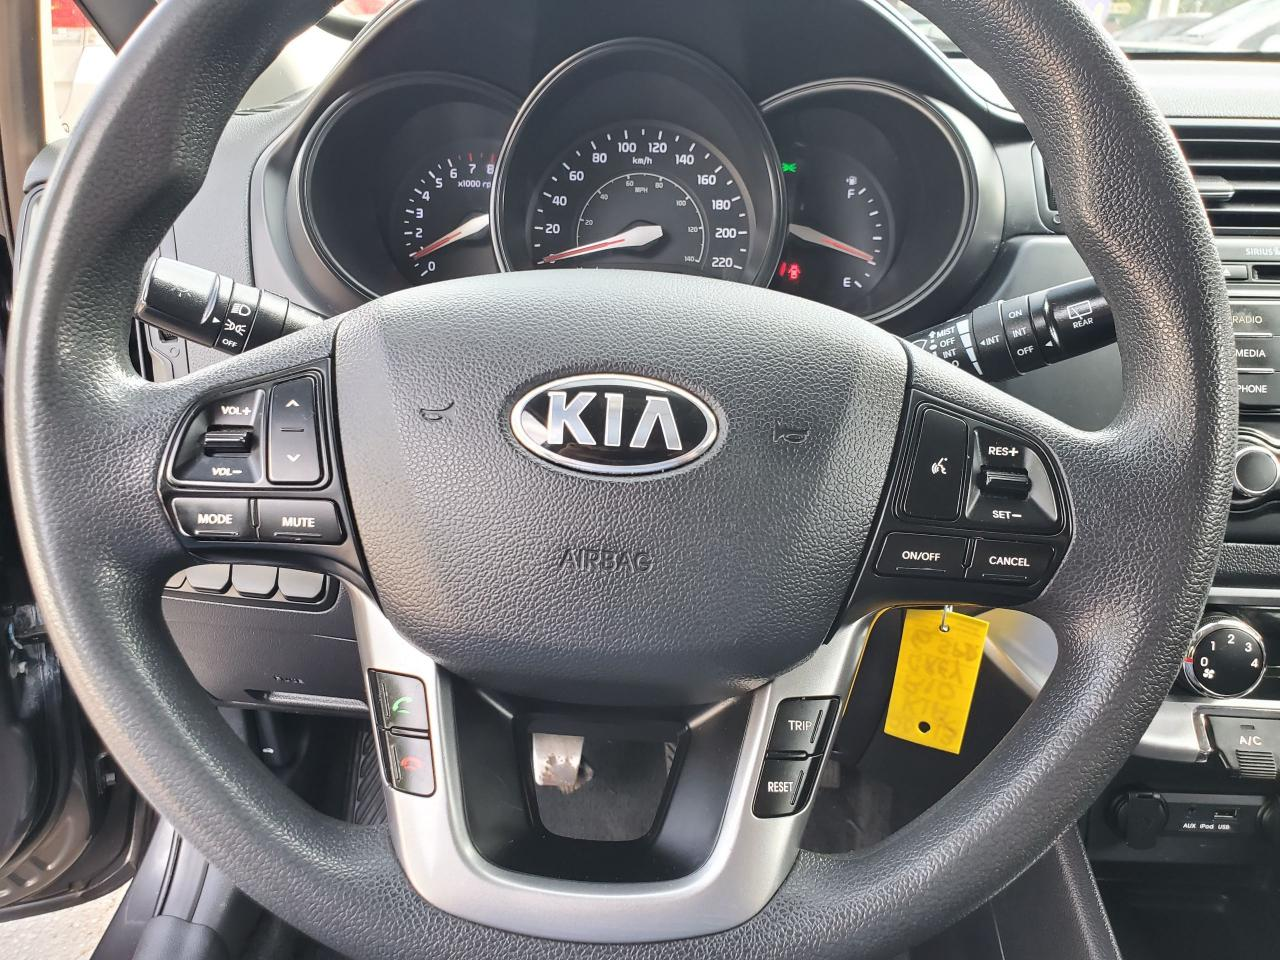 2013 Kia Rio5